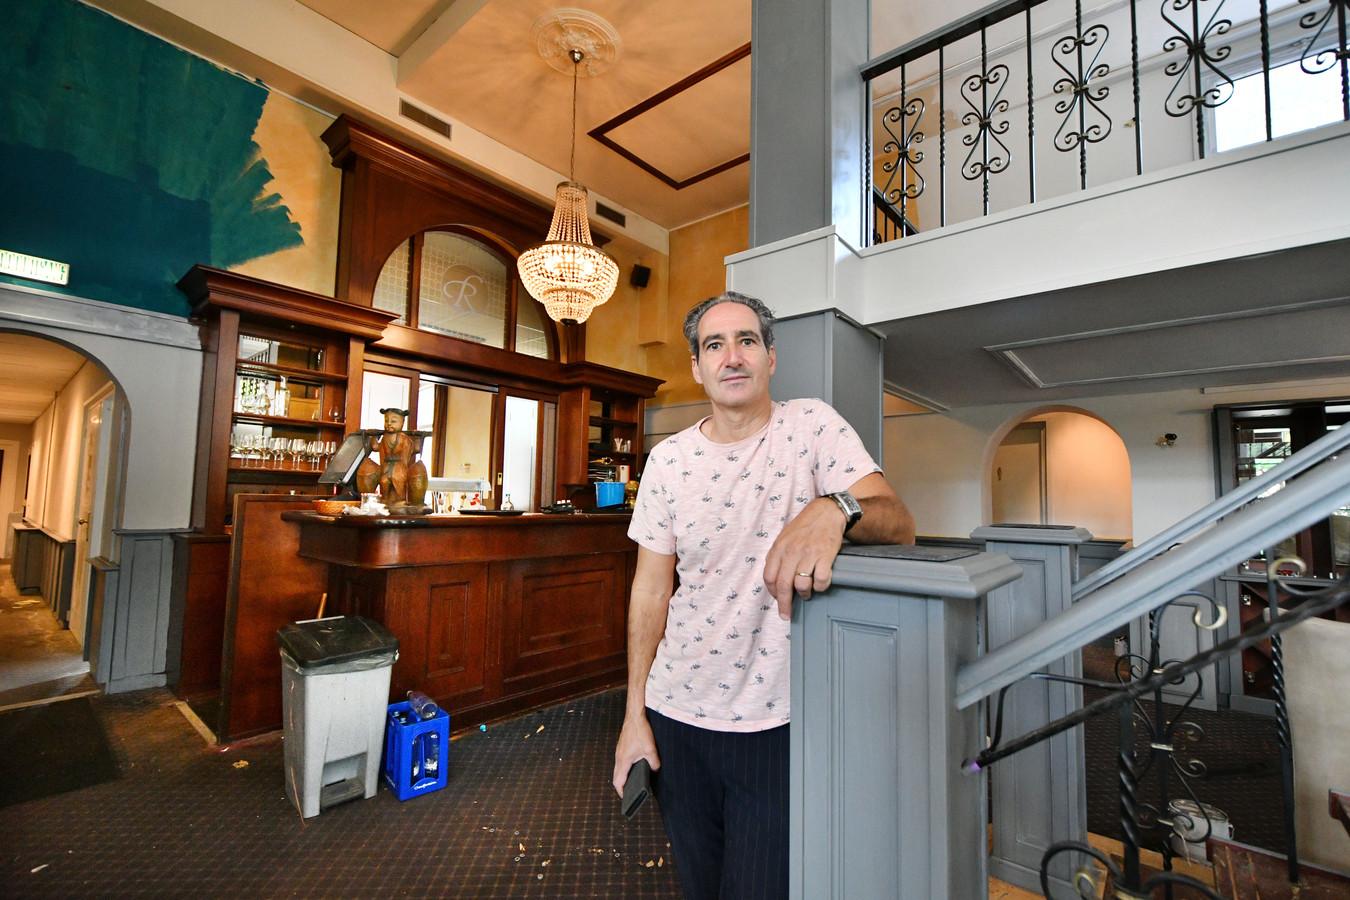 Manuel Cossu is de nieuwe exploitant van Ristorante Moderno in het voormalige hotel Rodenbach.